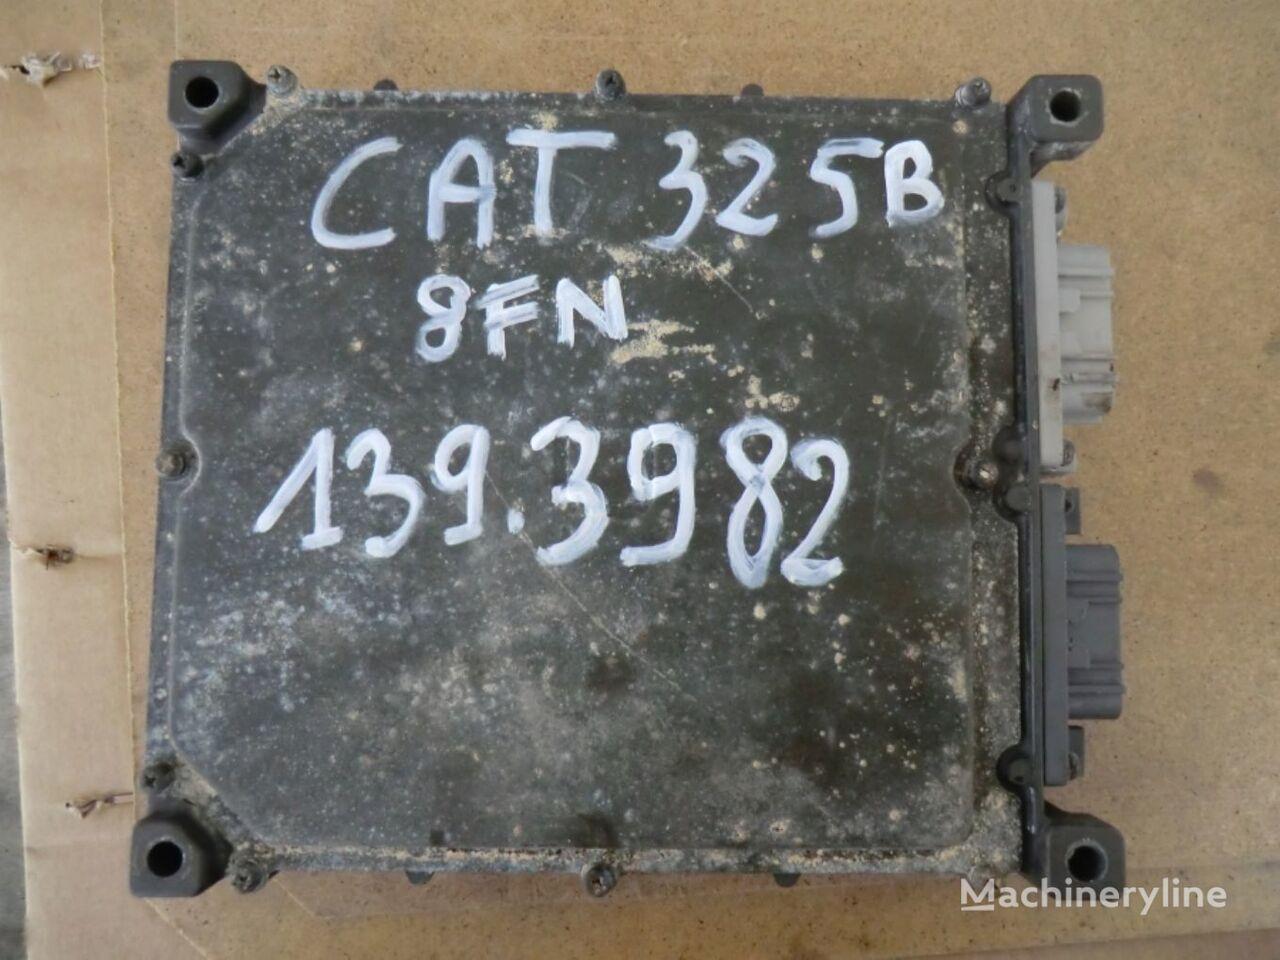 ECU control unit for CATERPILLAR 325B LN 8FN00542 excavator